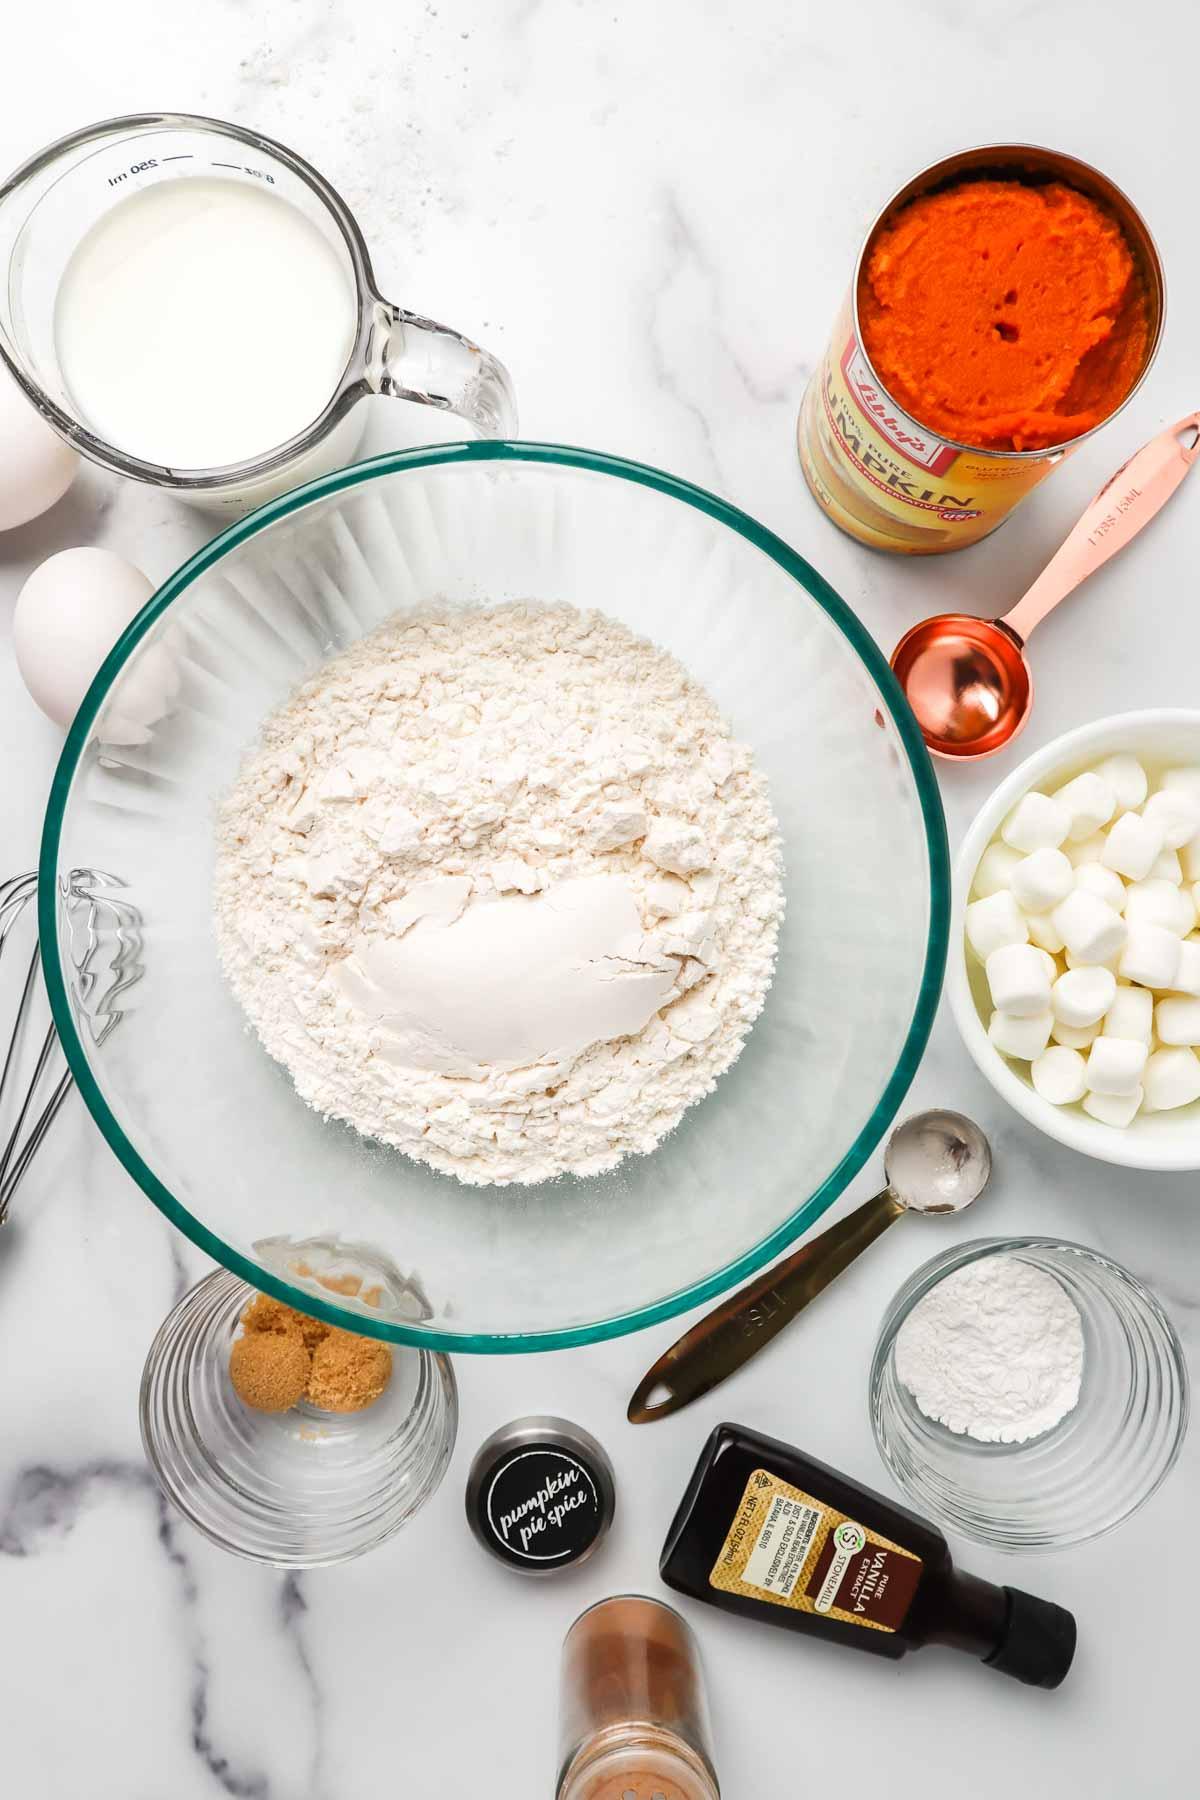 Ingredients to make pumpkin waffles.